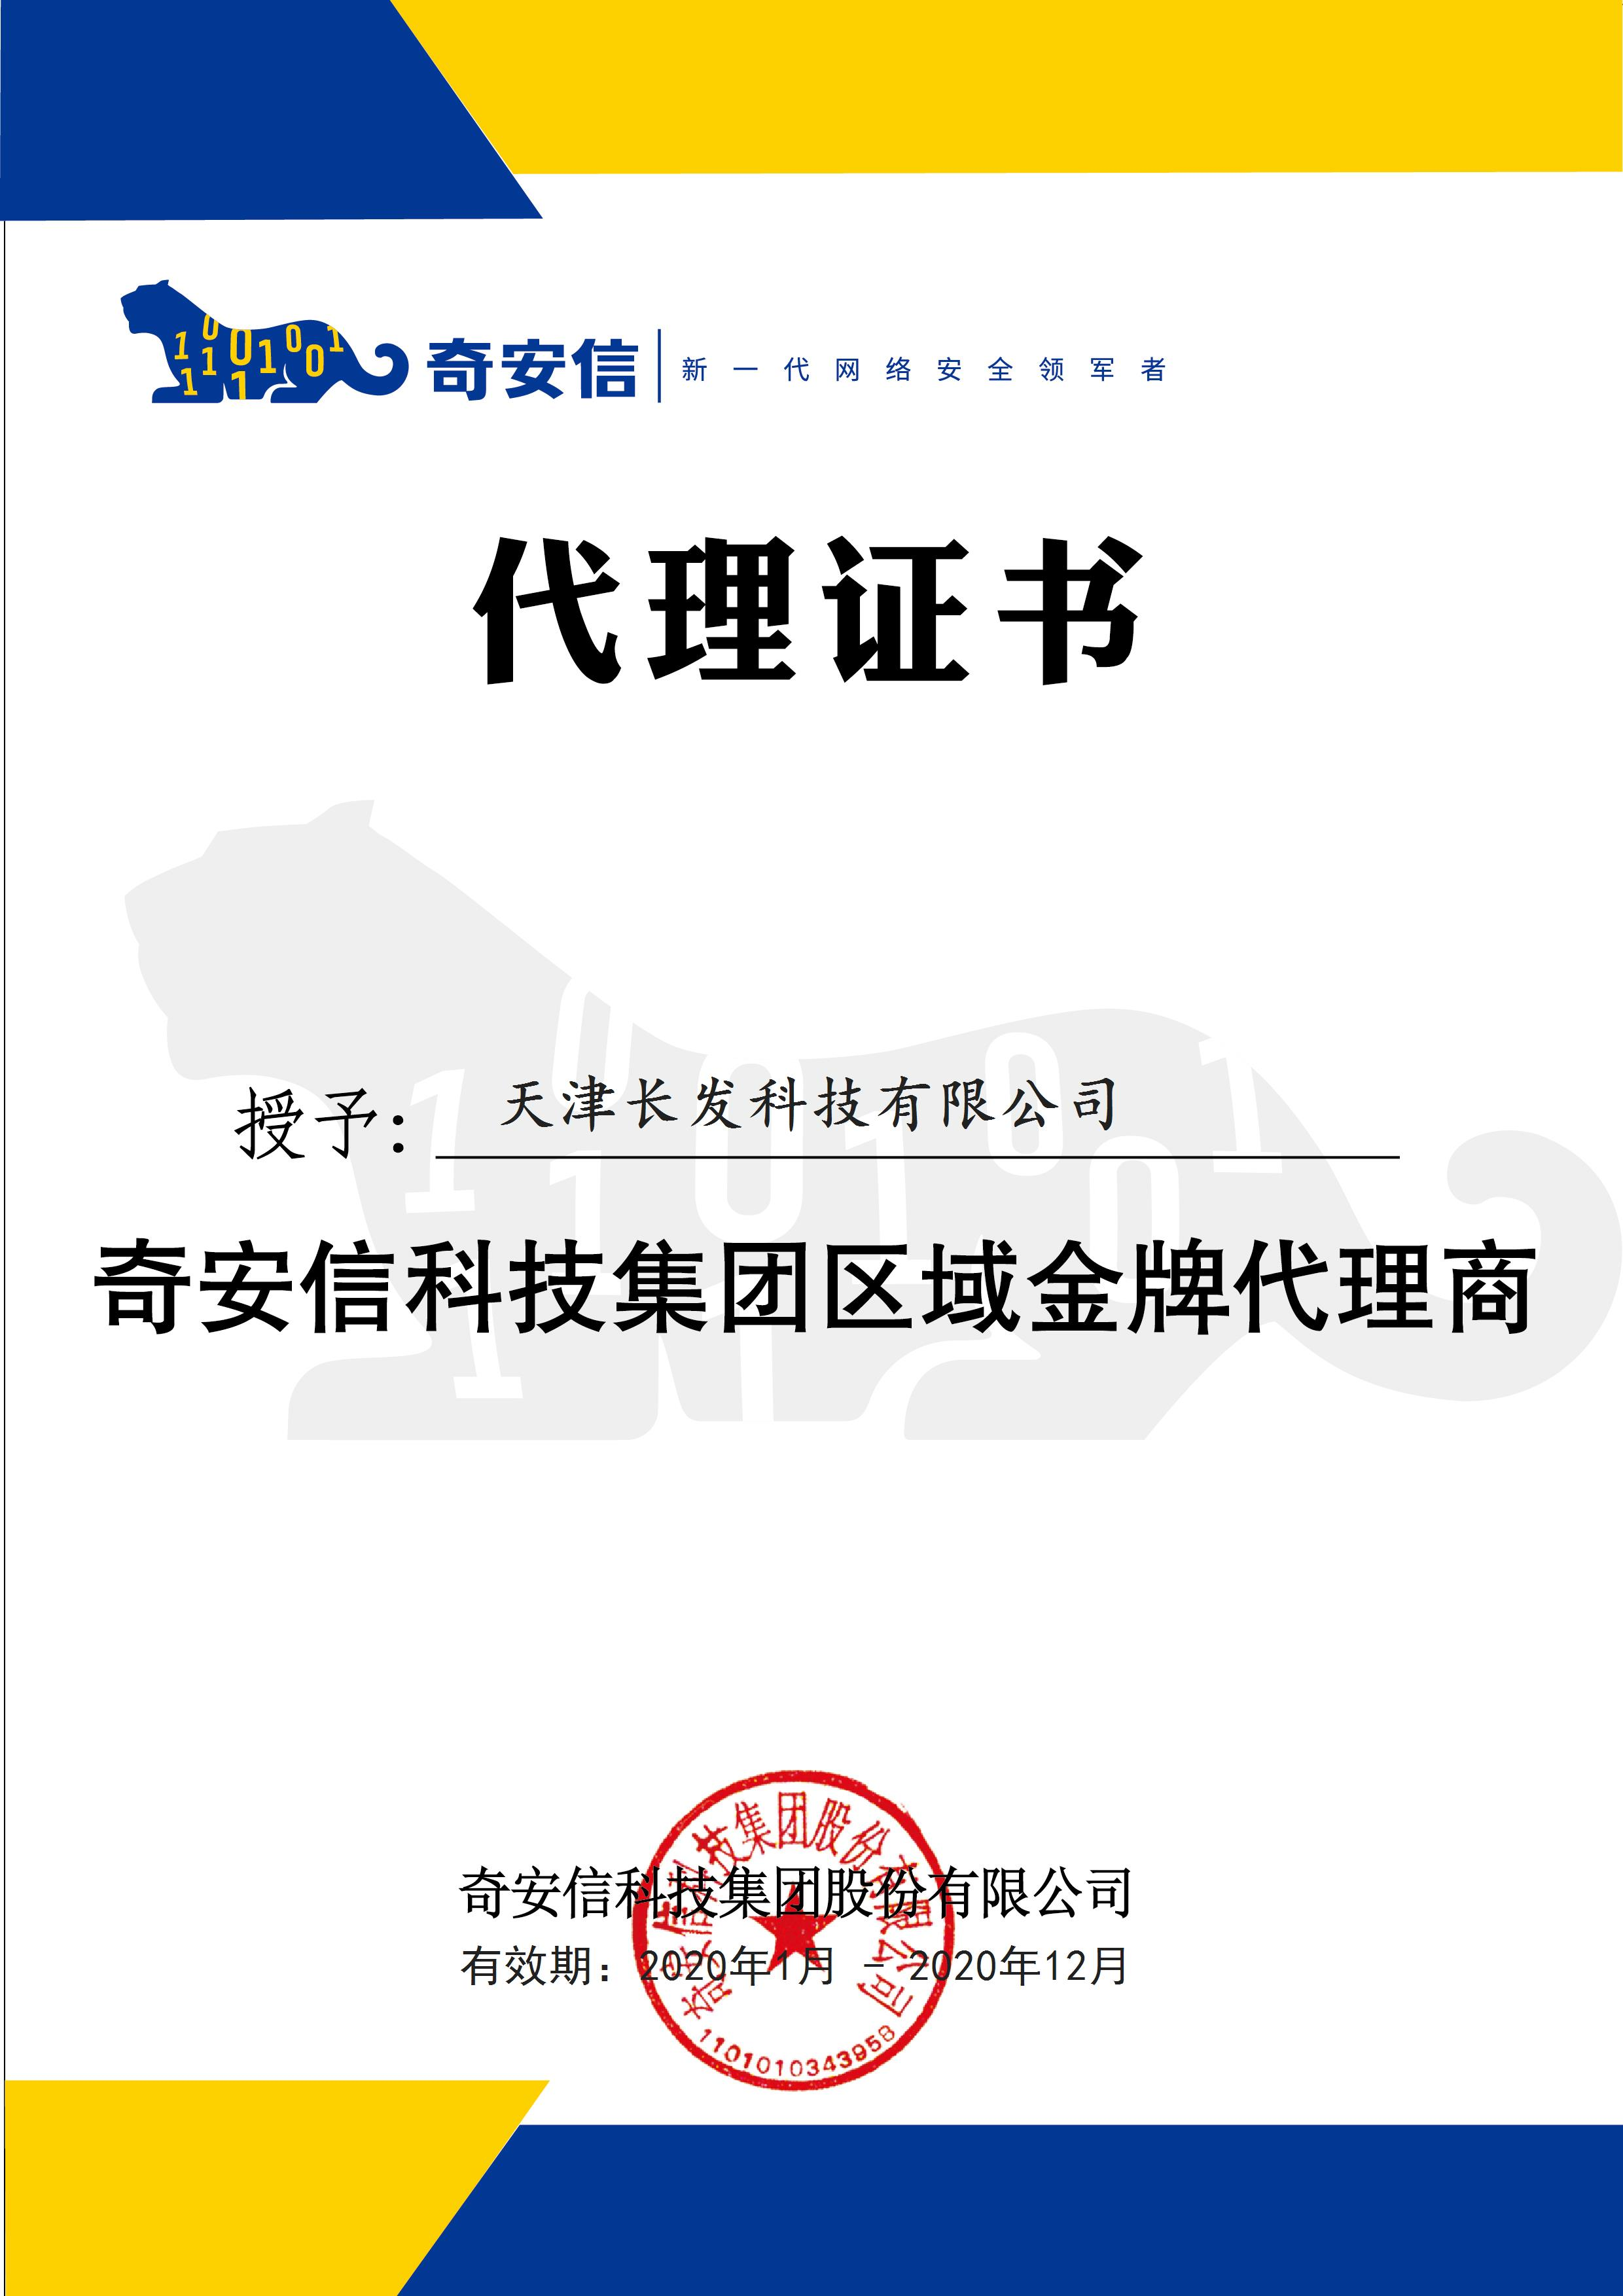 奇安信科技集团区域金牌代理商